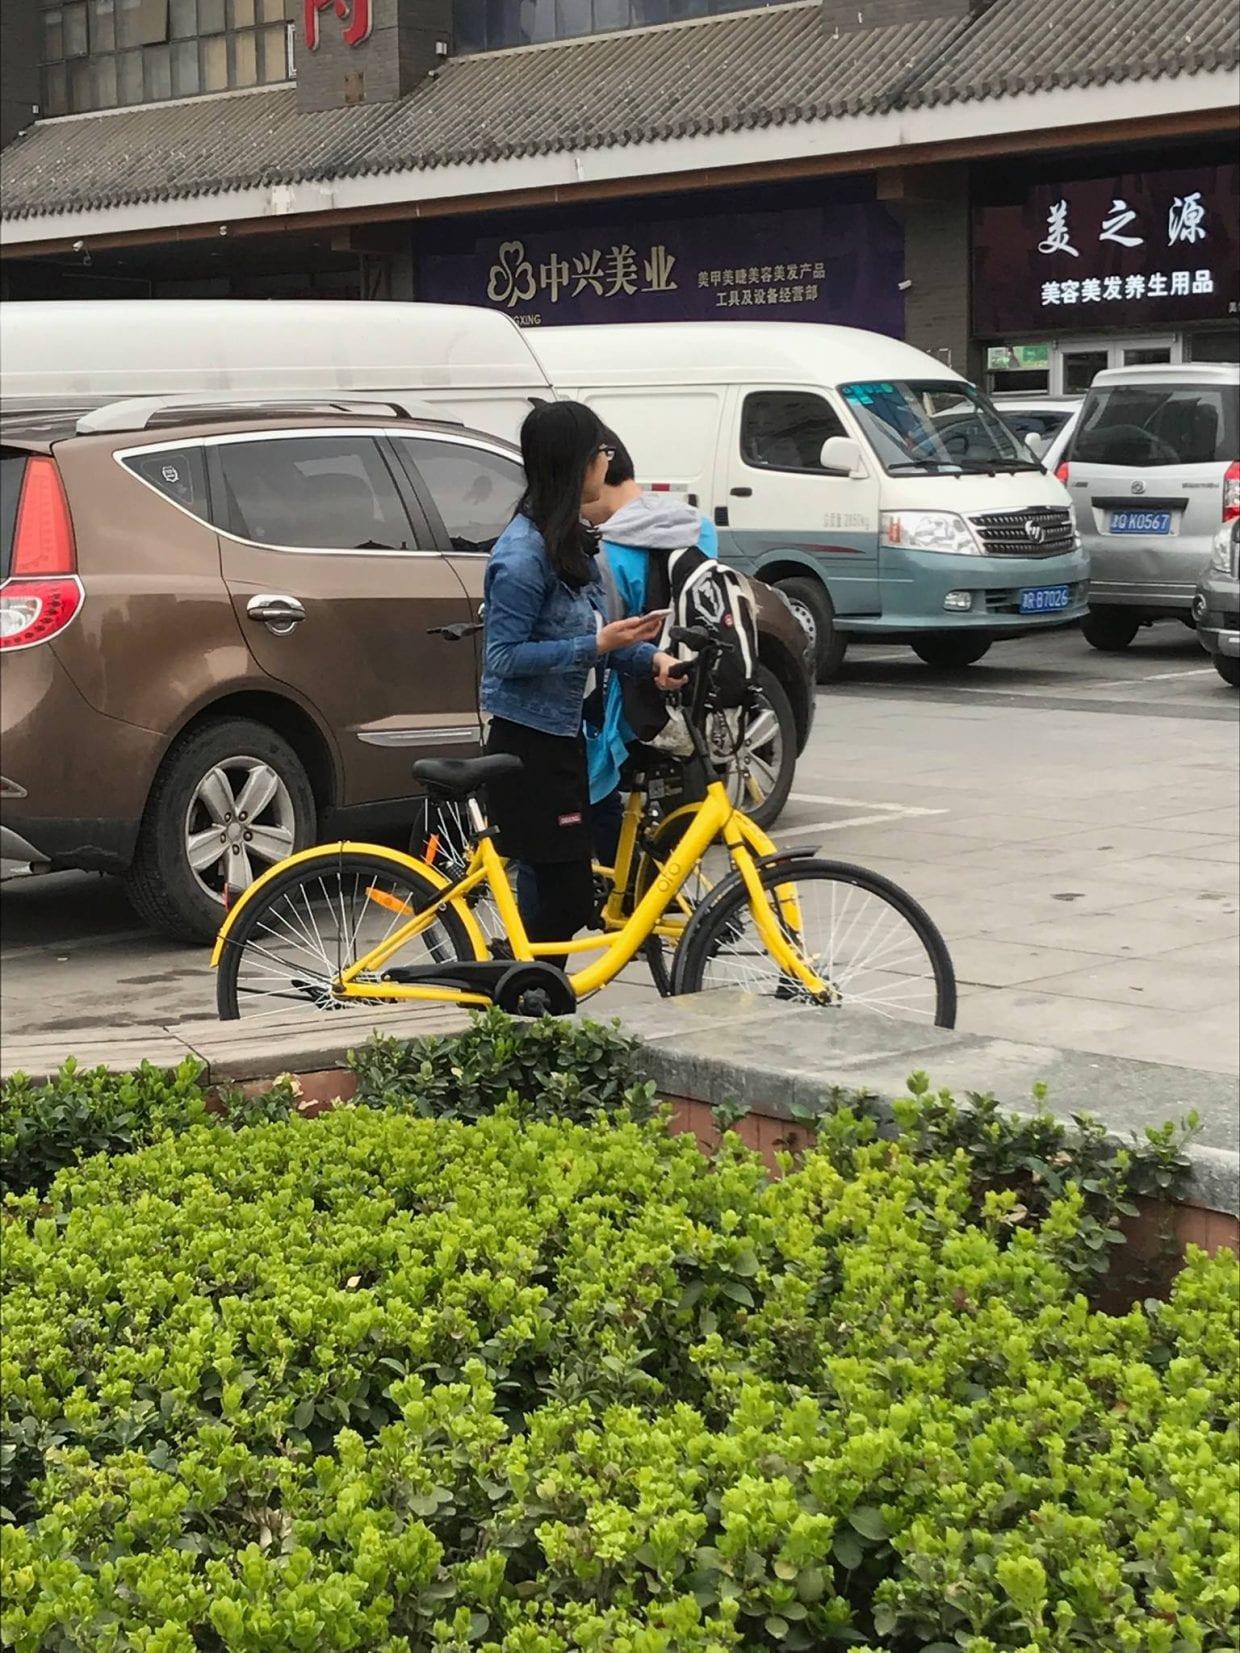 黄色のofo使用中の人を街で見かけた